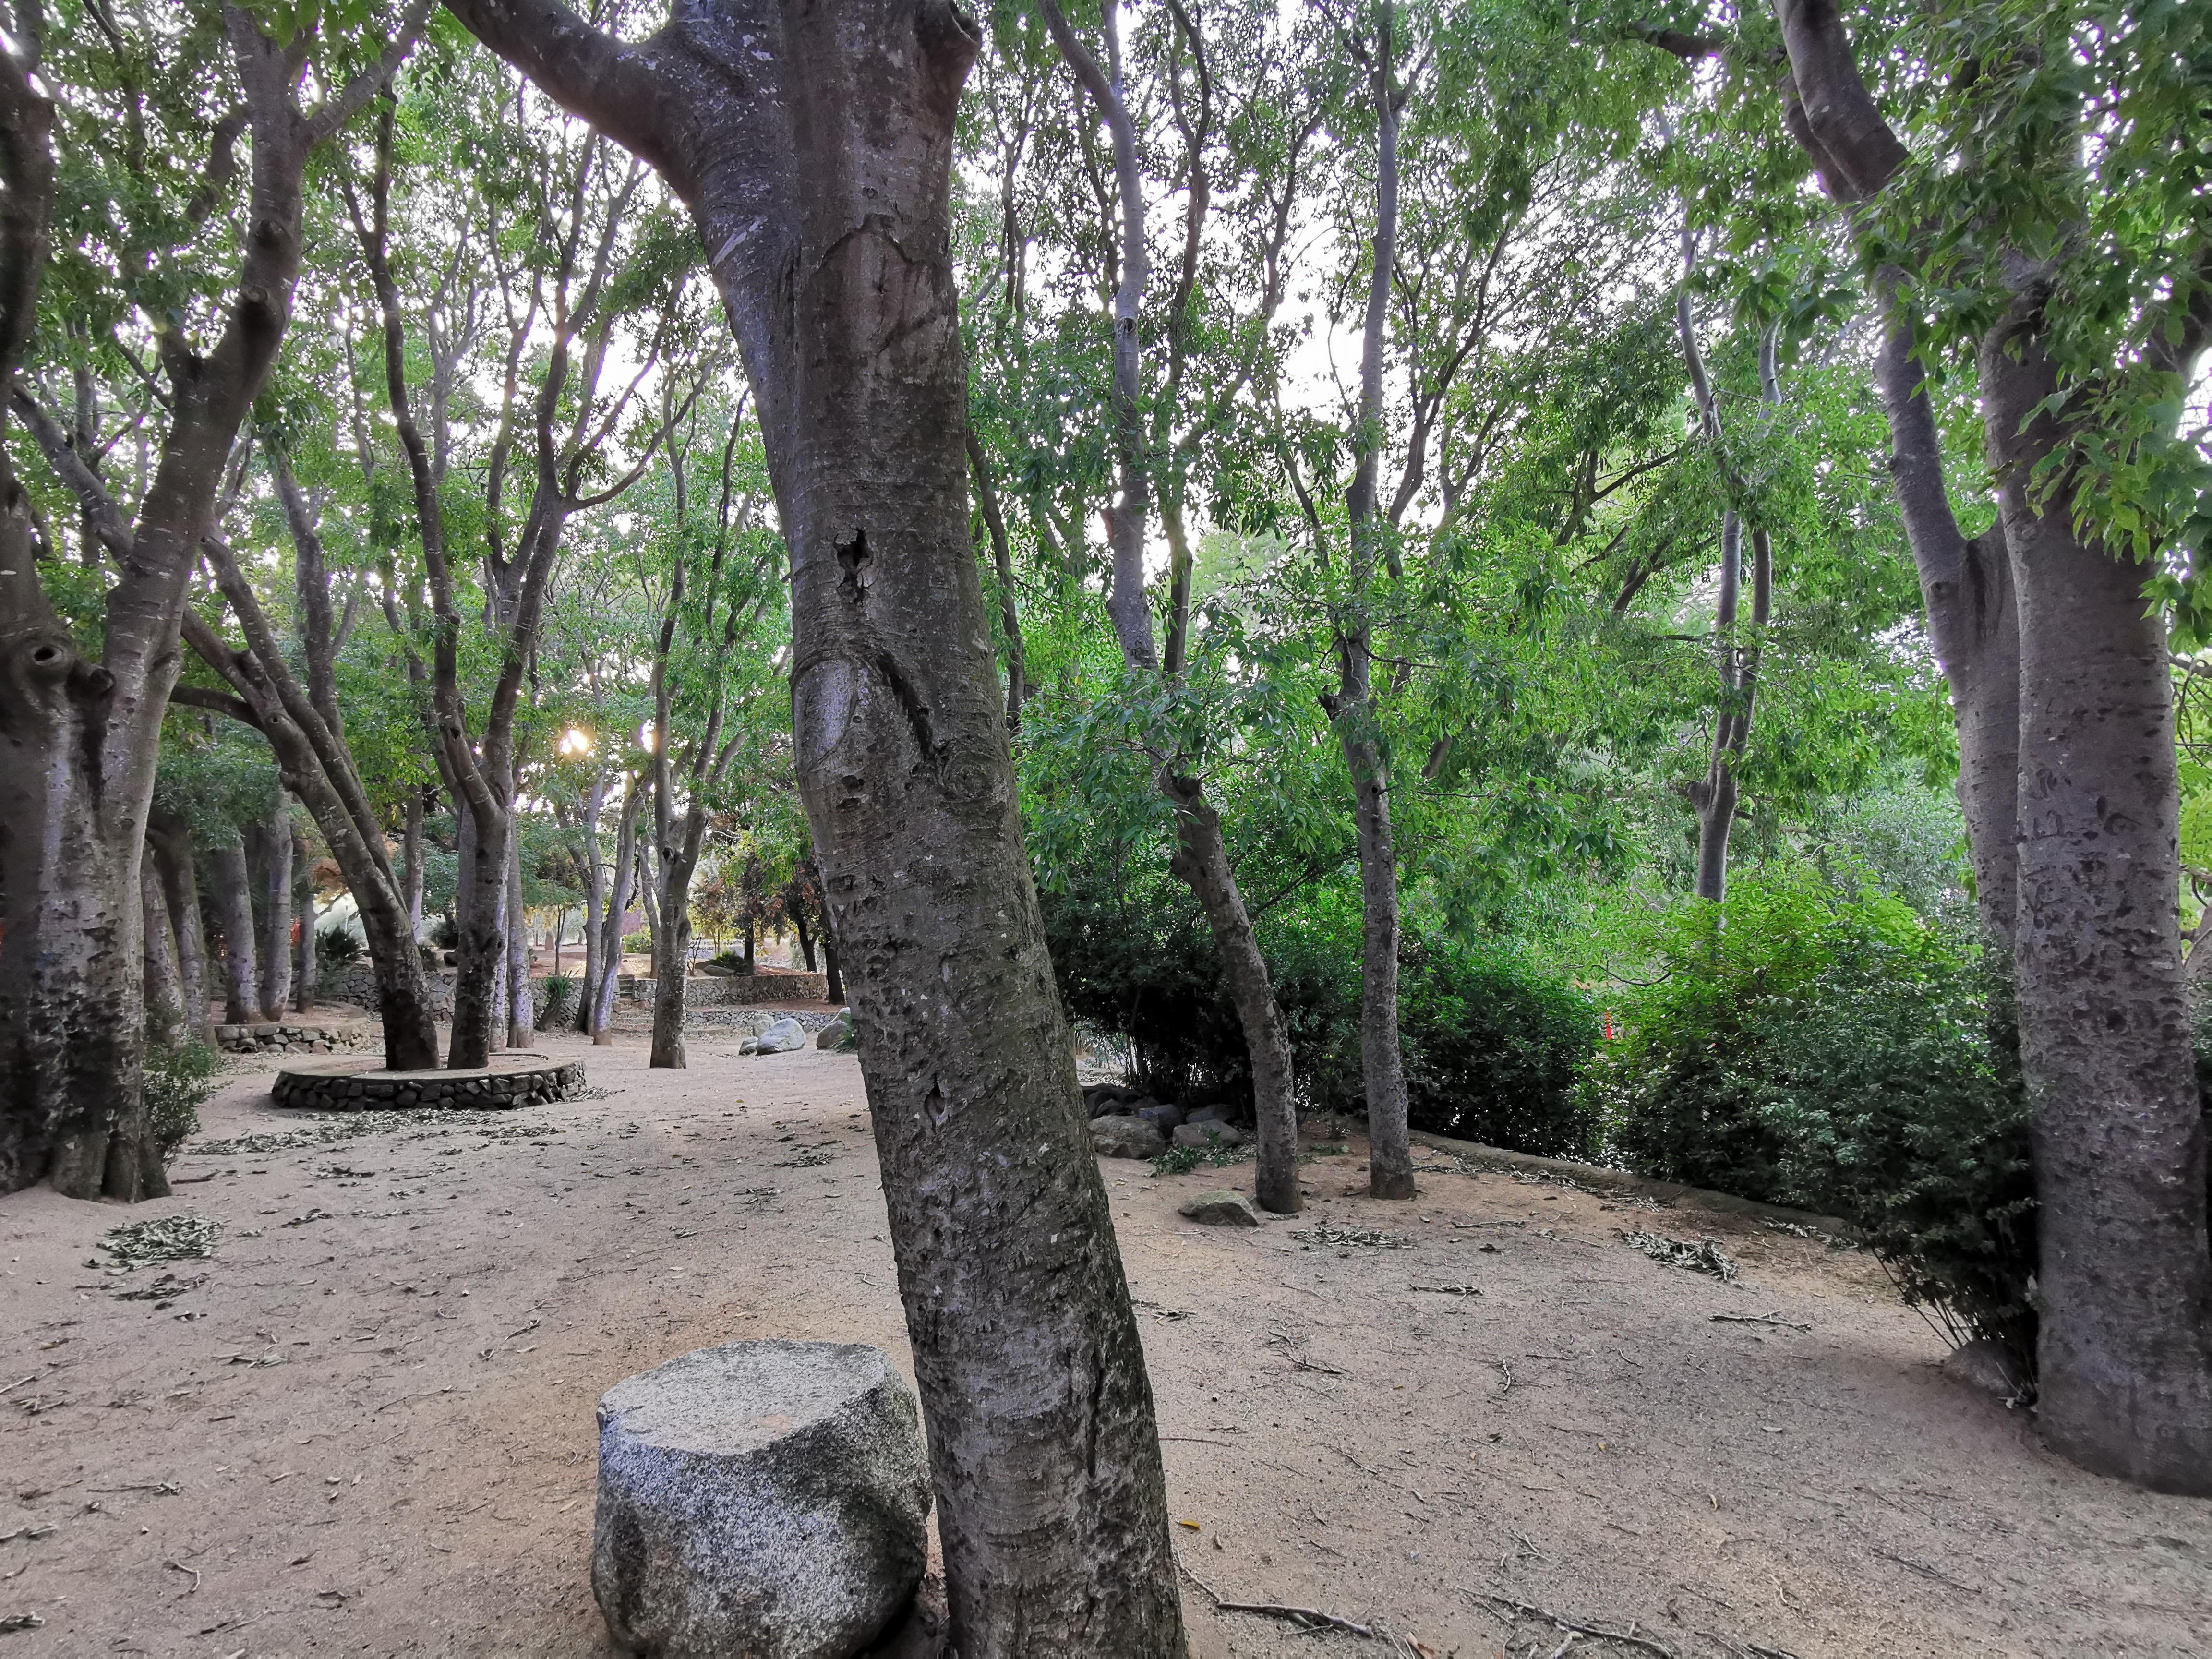 Parc de les Glaneres